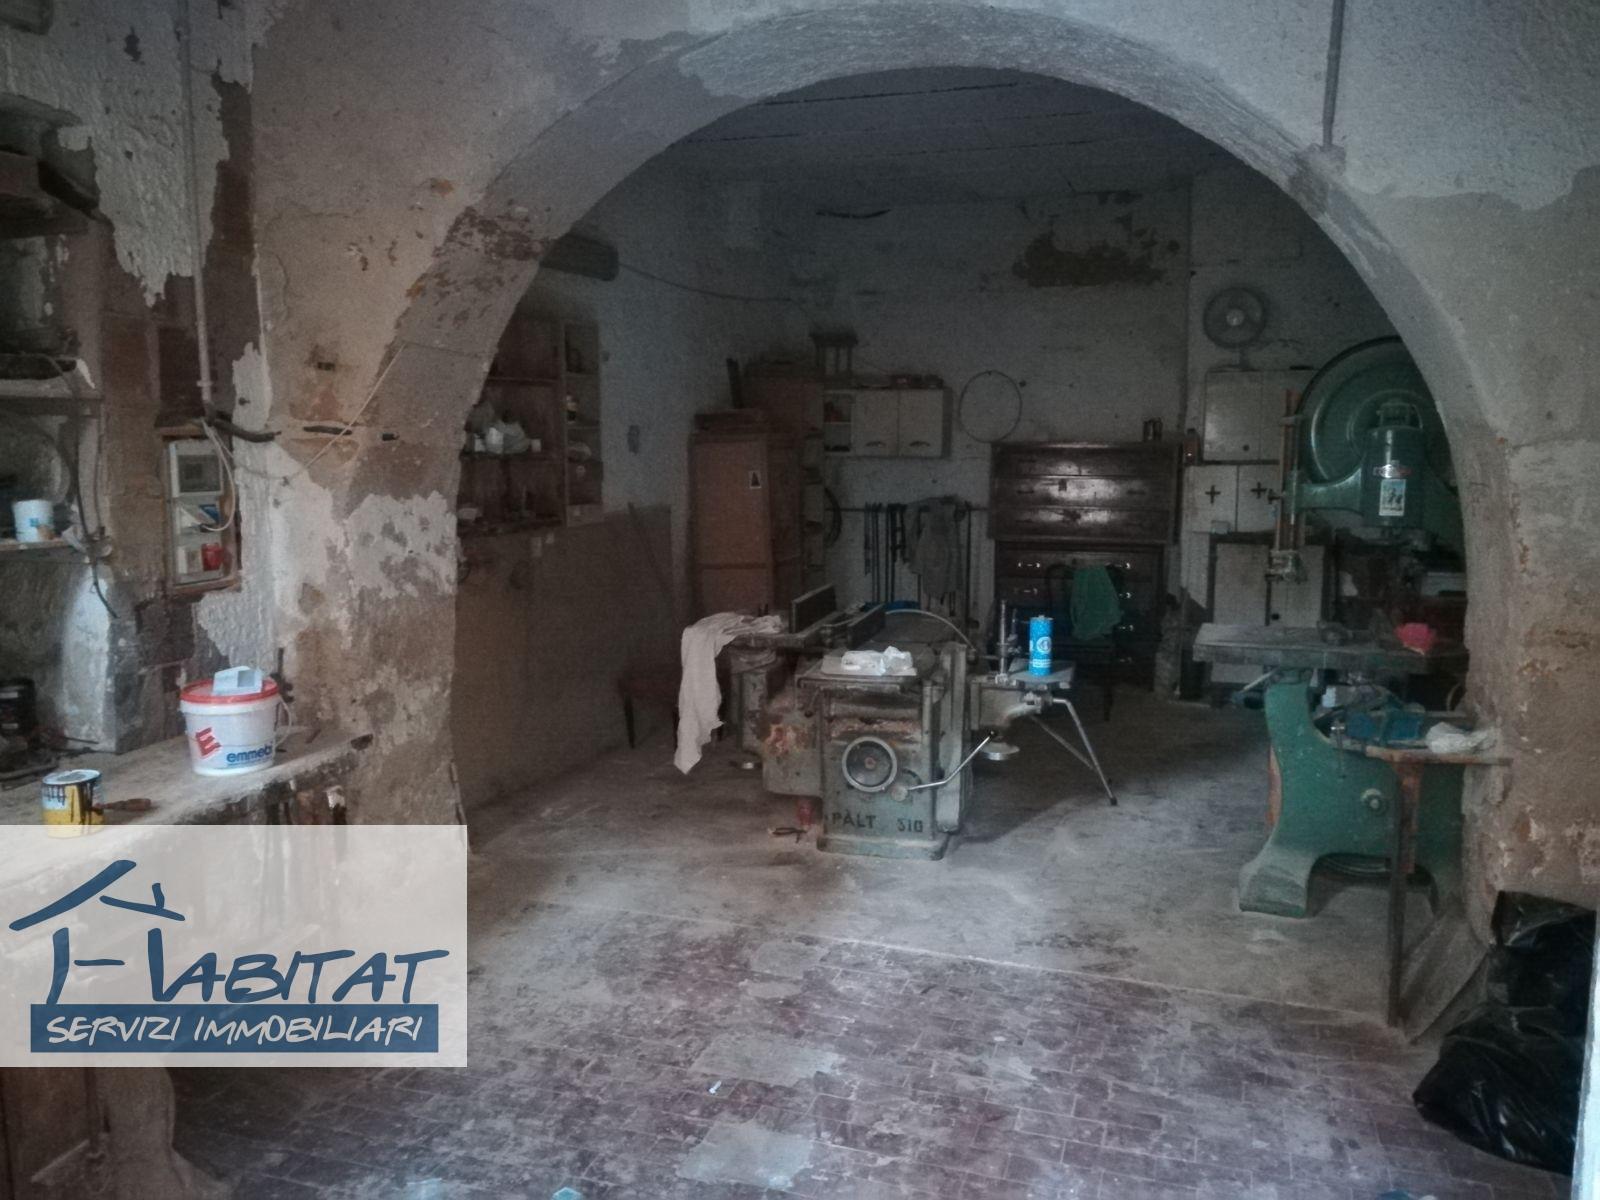 Magazzino in vendita a Agrigento, 1 locali, zona Zona: Centro, prezzo € 25.000 | CambioCasa.it